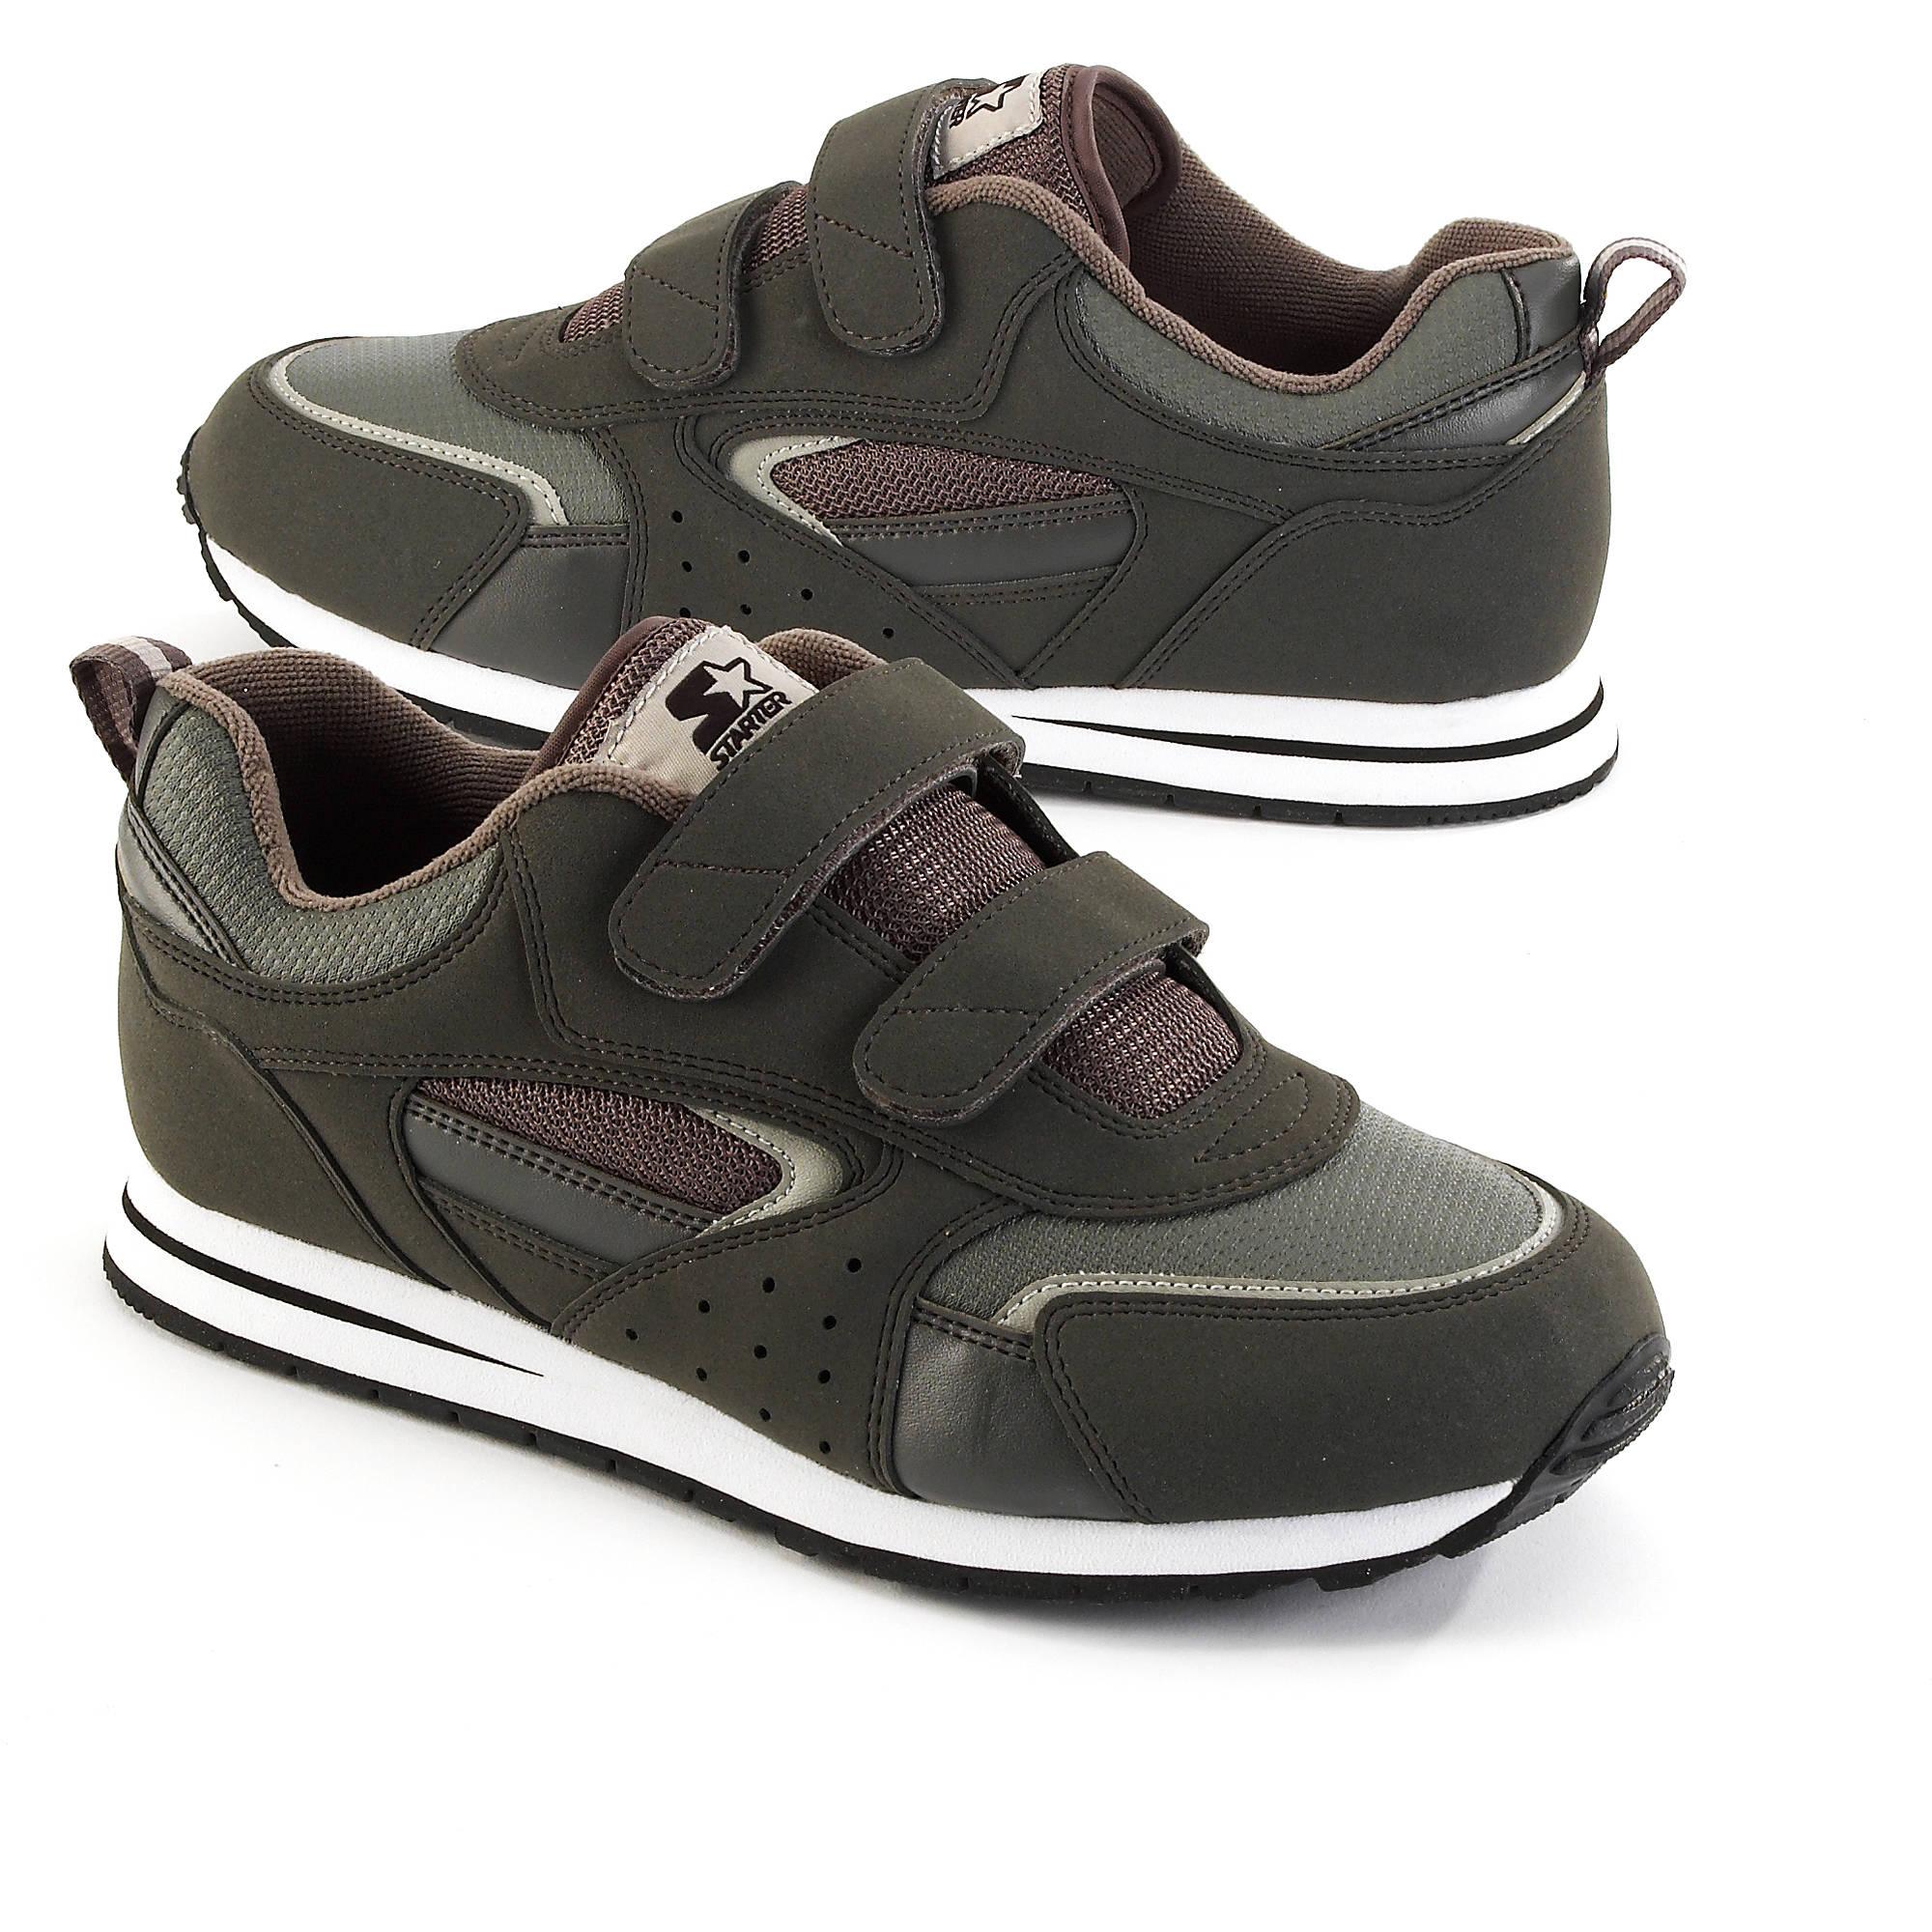 Starter - Men's Silver Series Sneakers, Wide Width ...